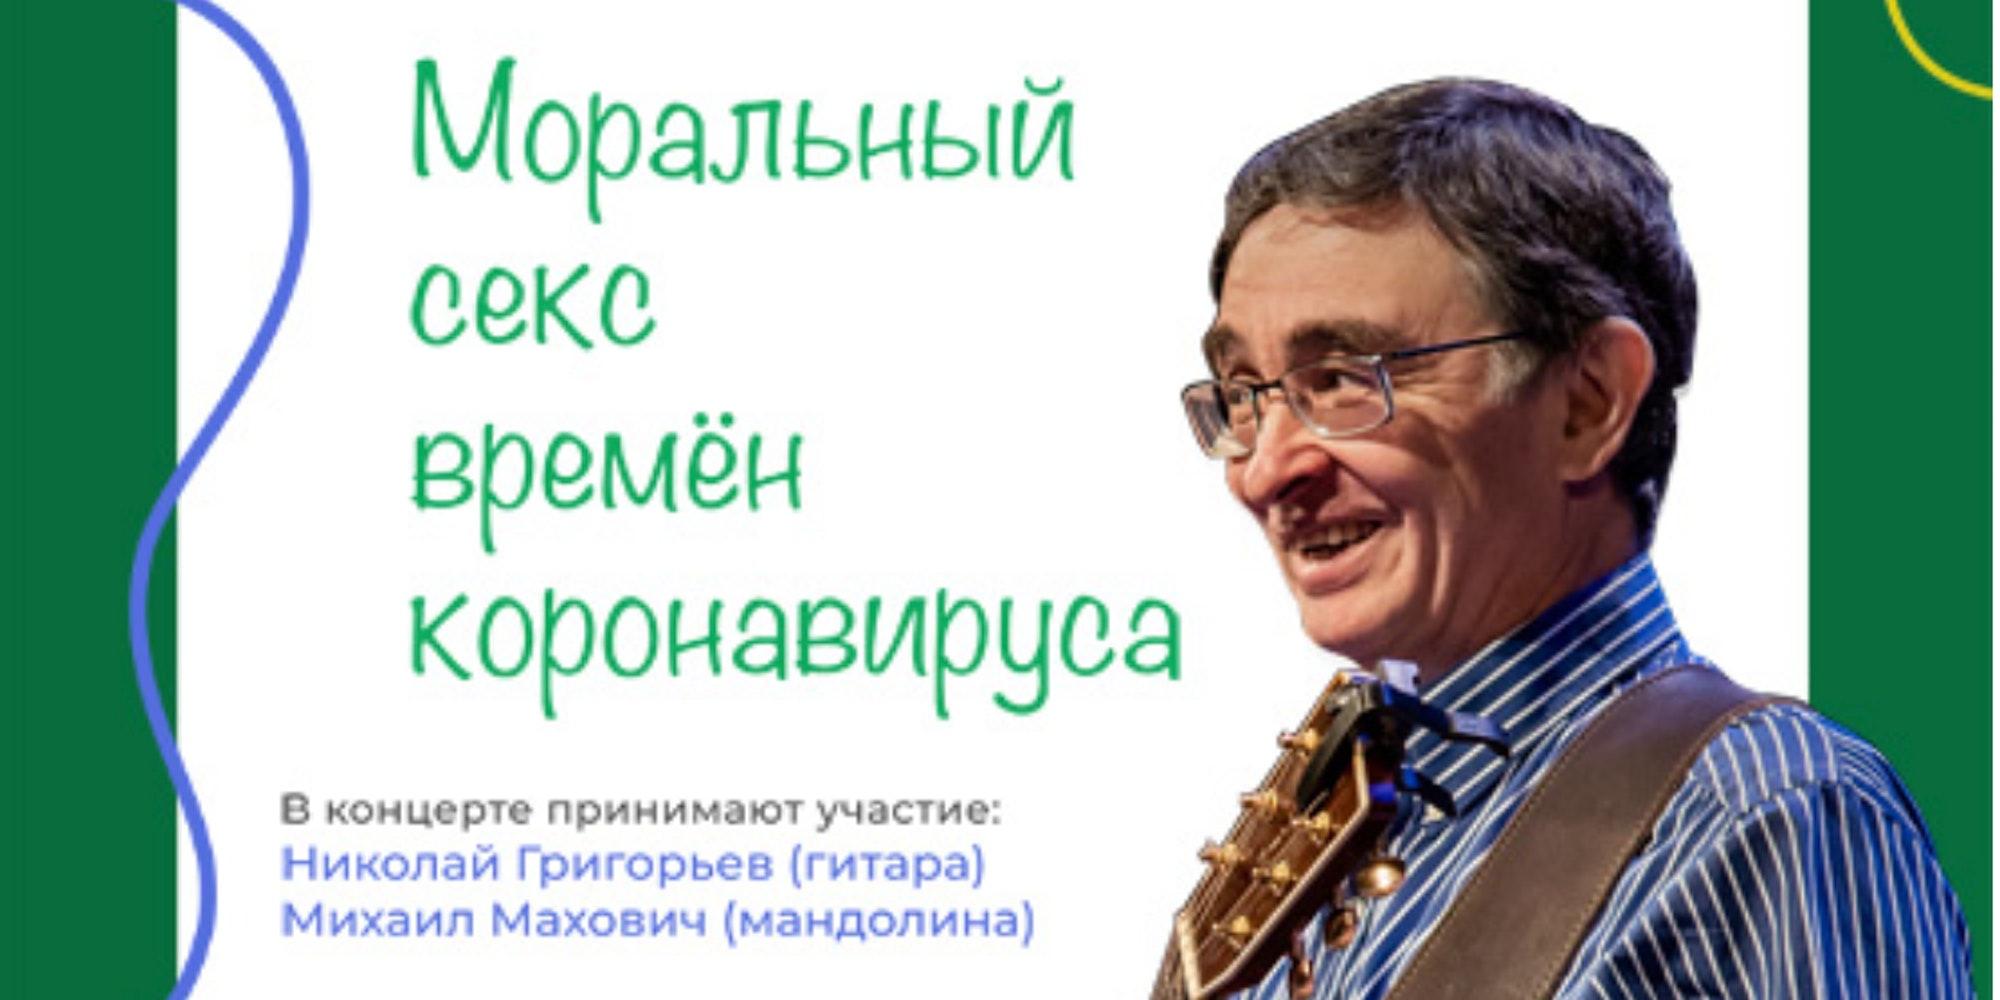 Тимур Шаов - моральный секс времен коронавируса